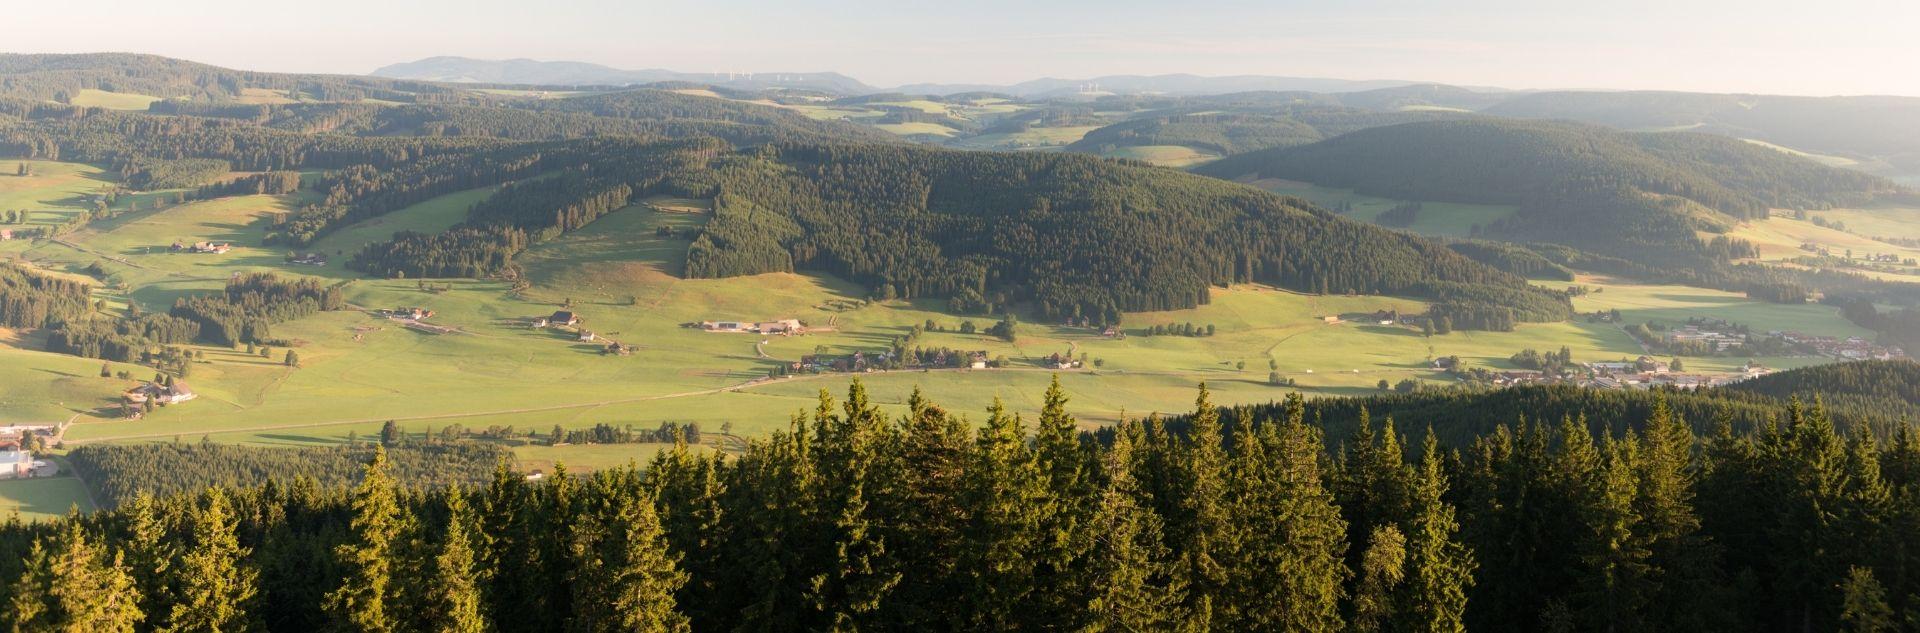 Schwarzwald Ferienregion